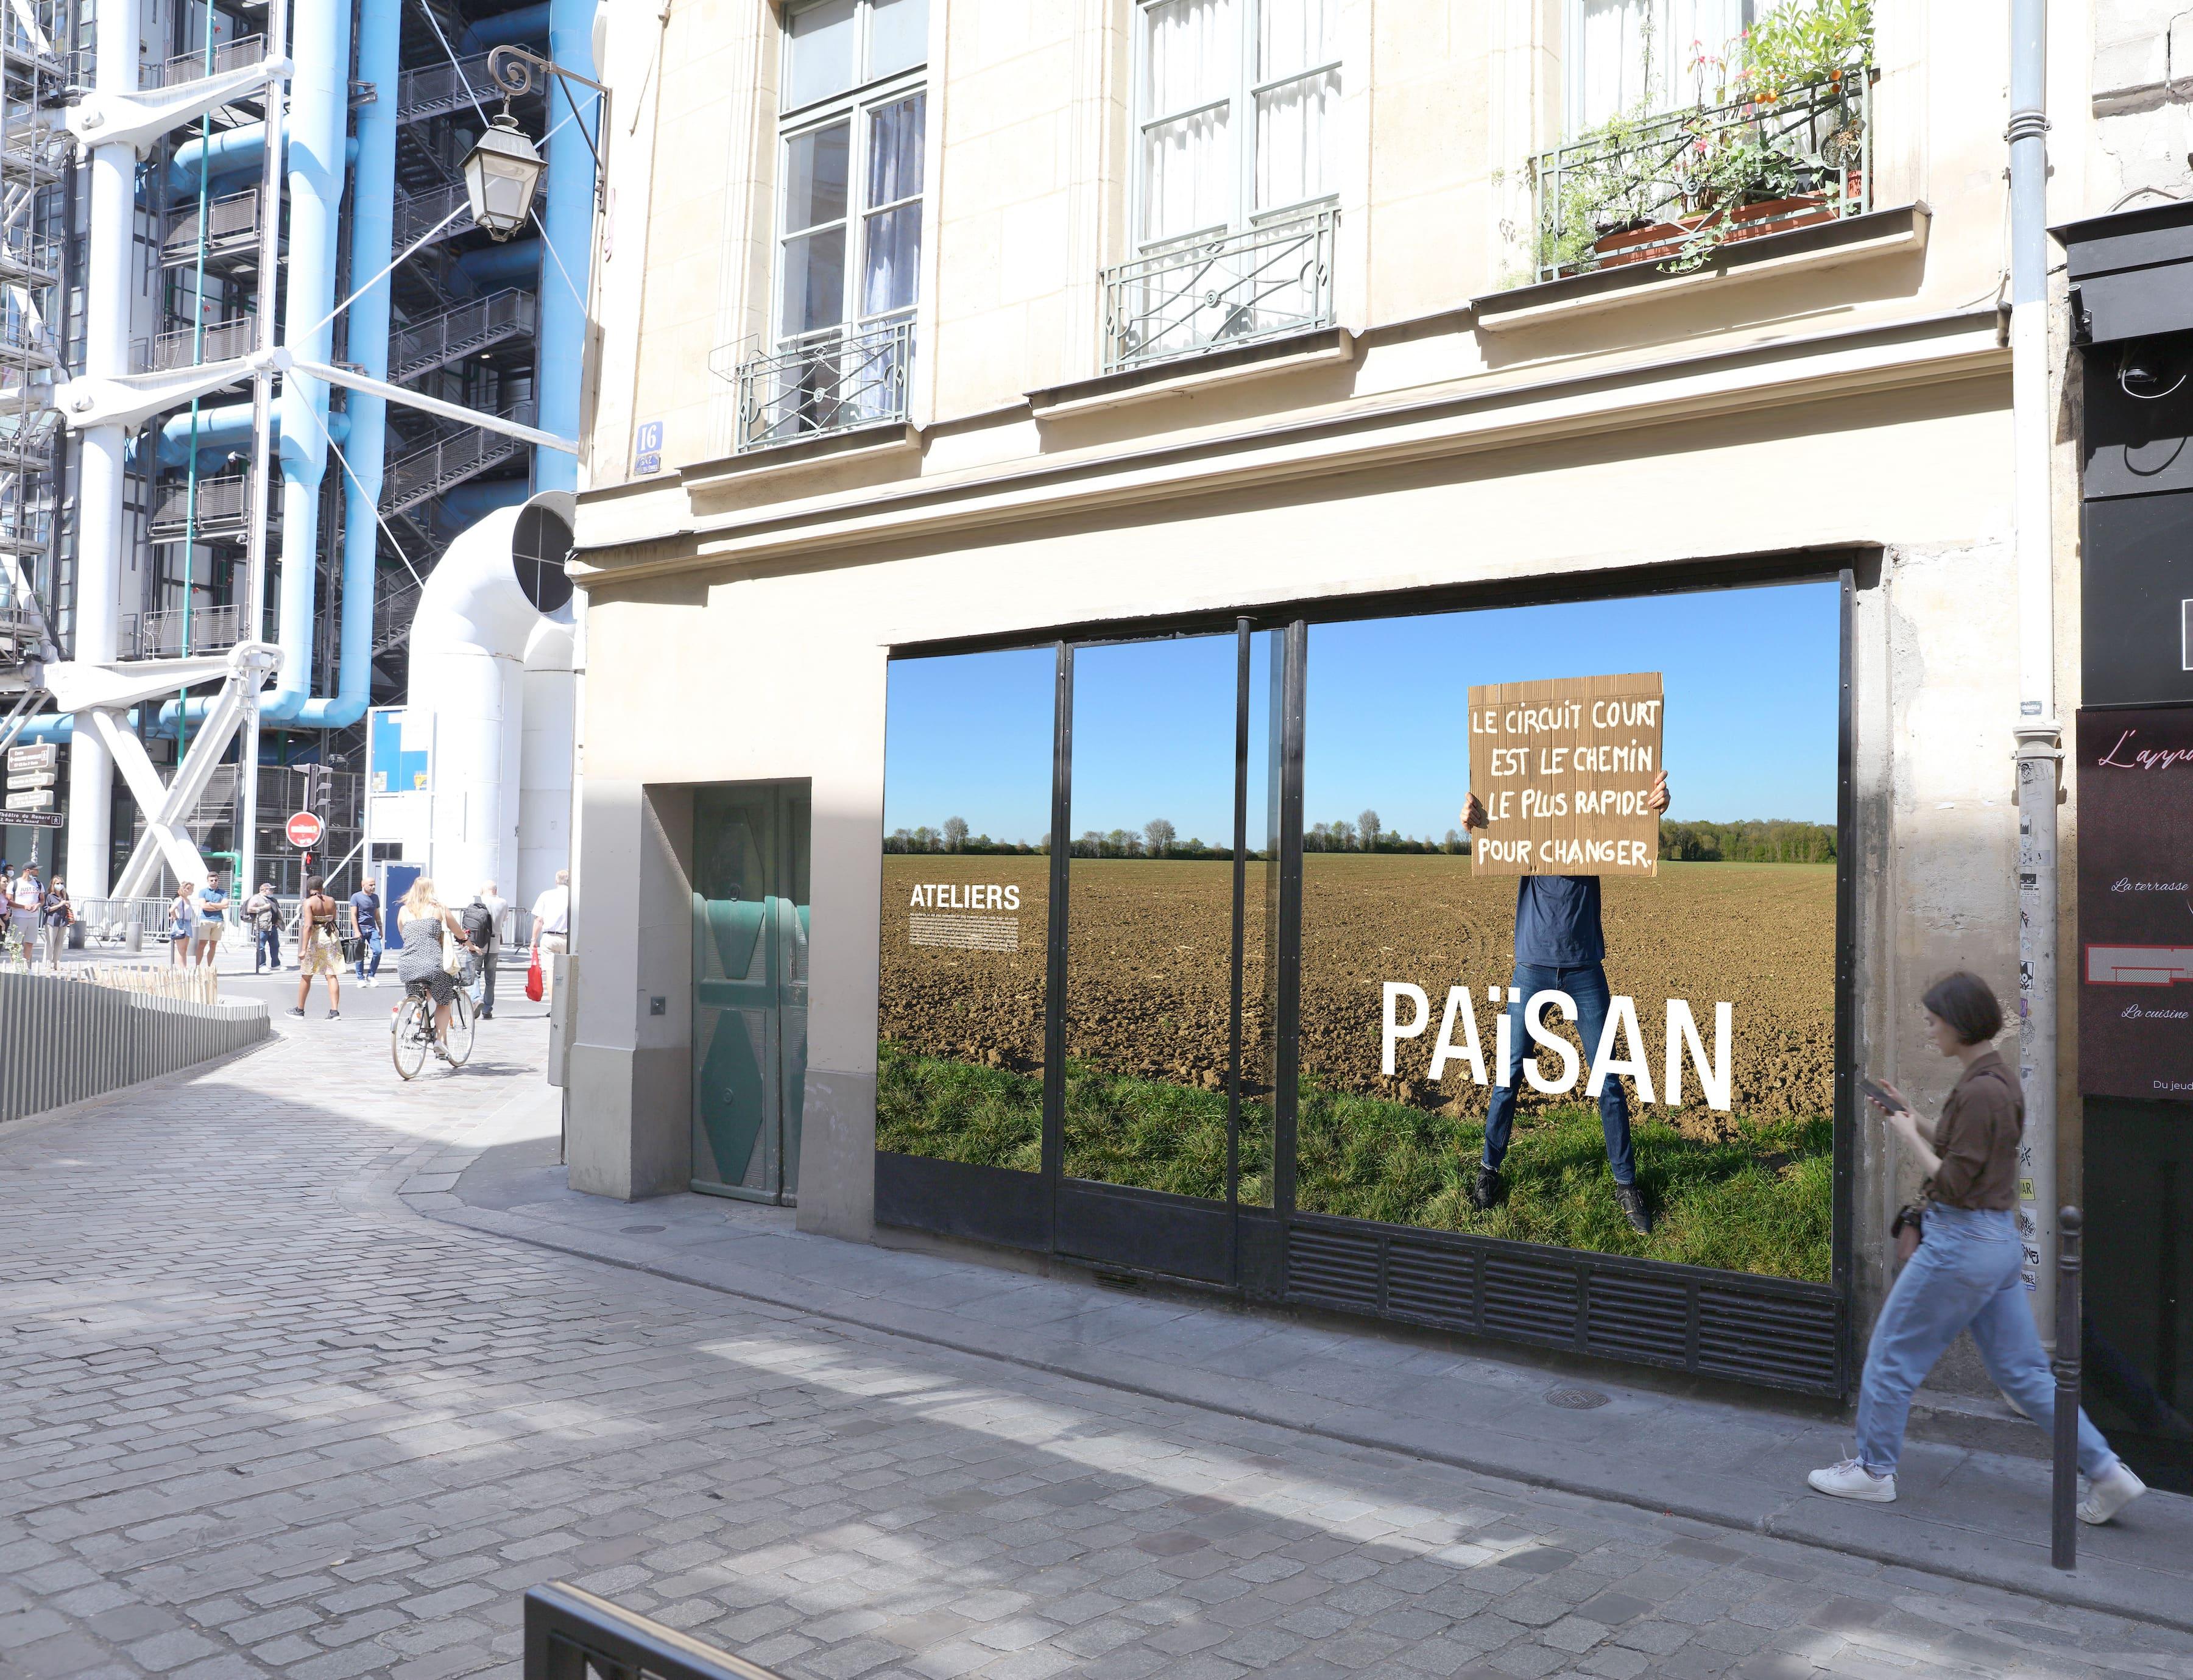 atelier-paisan-le-marais-paris